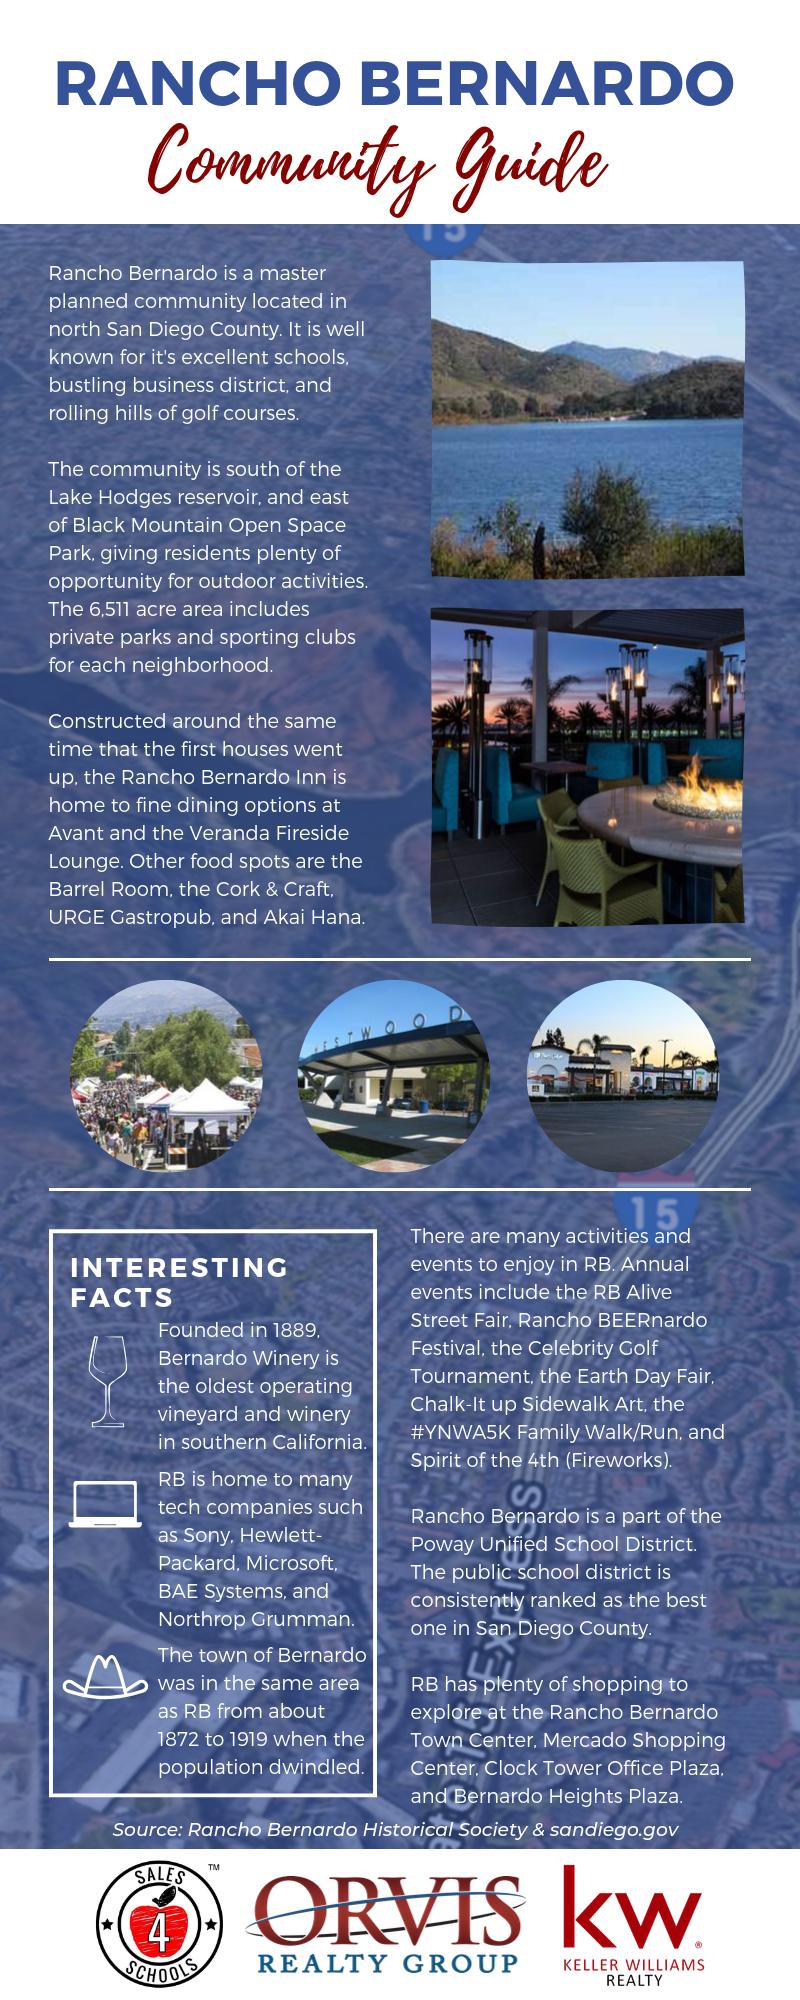 Rancho Bernardo Infographic